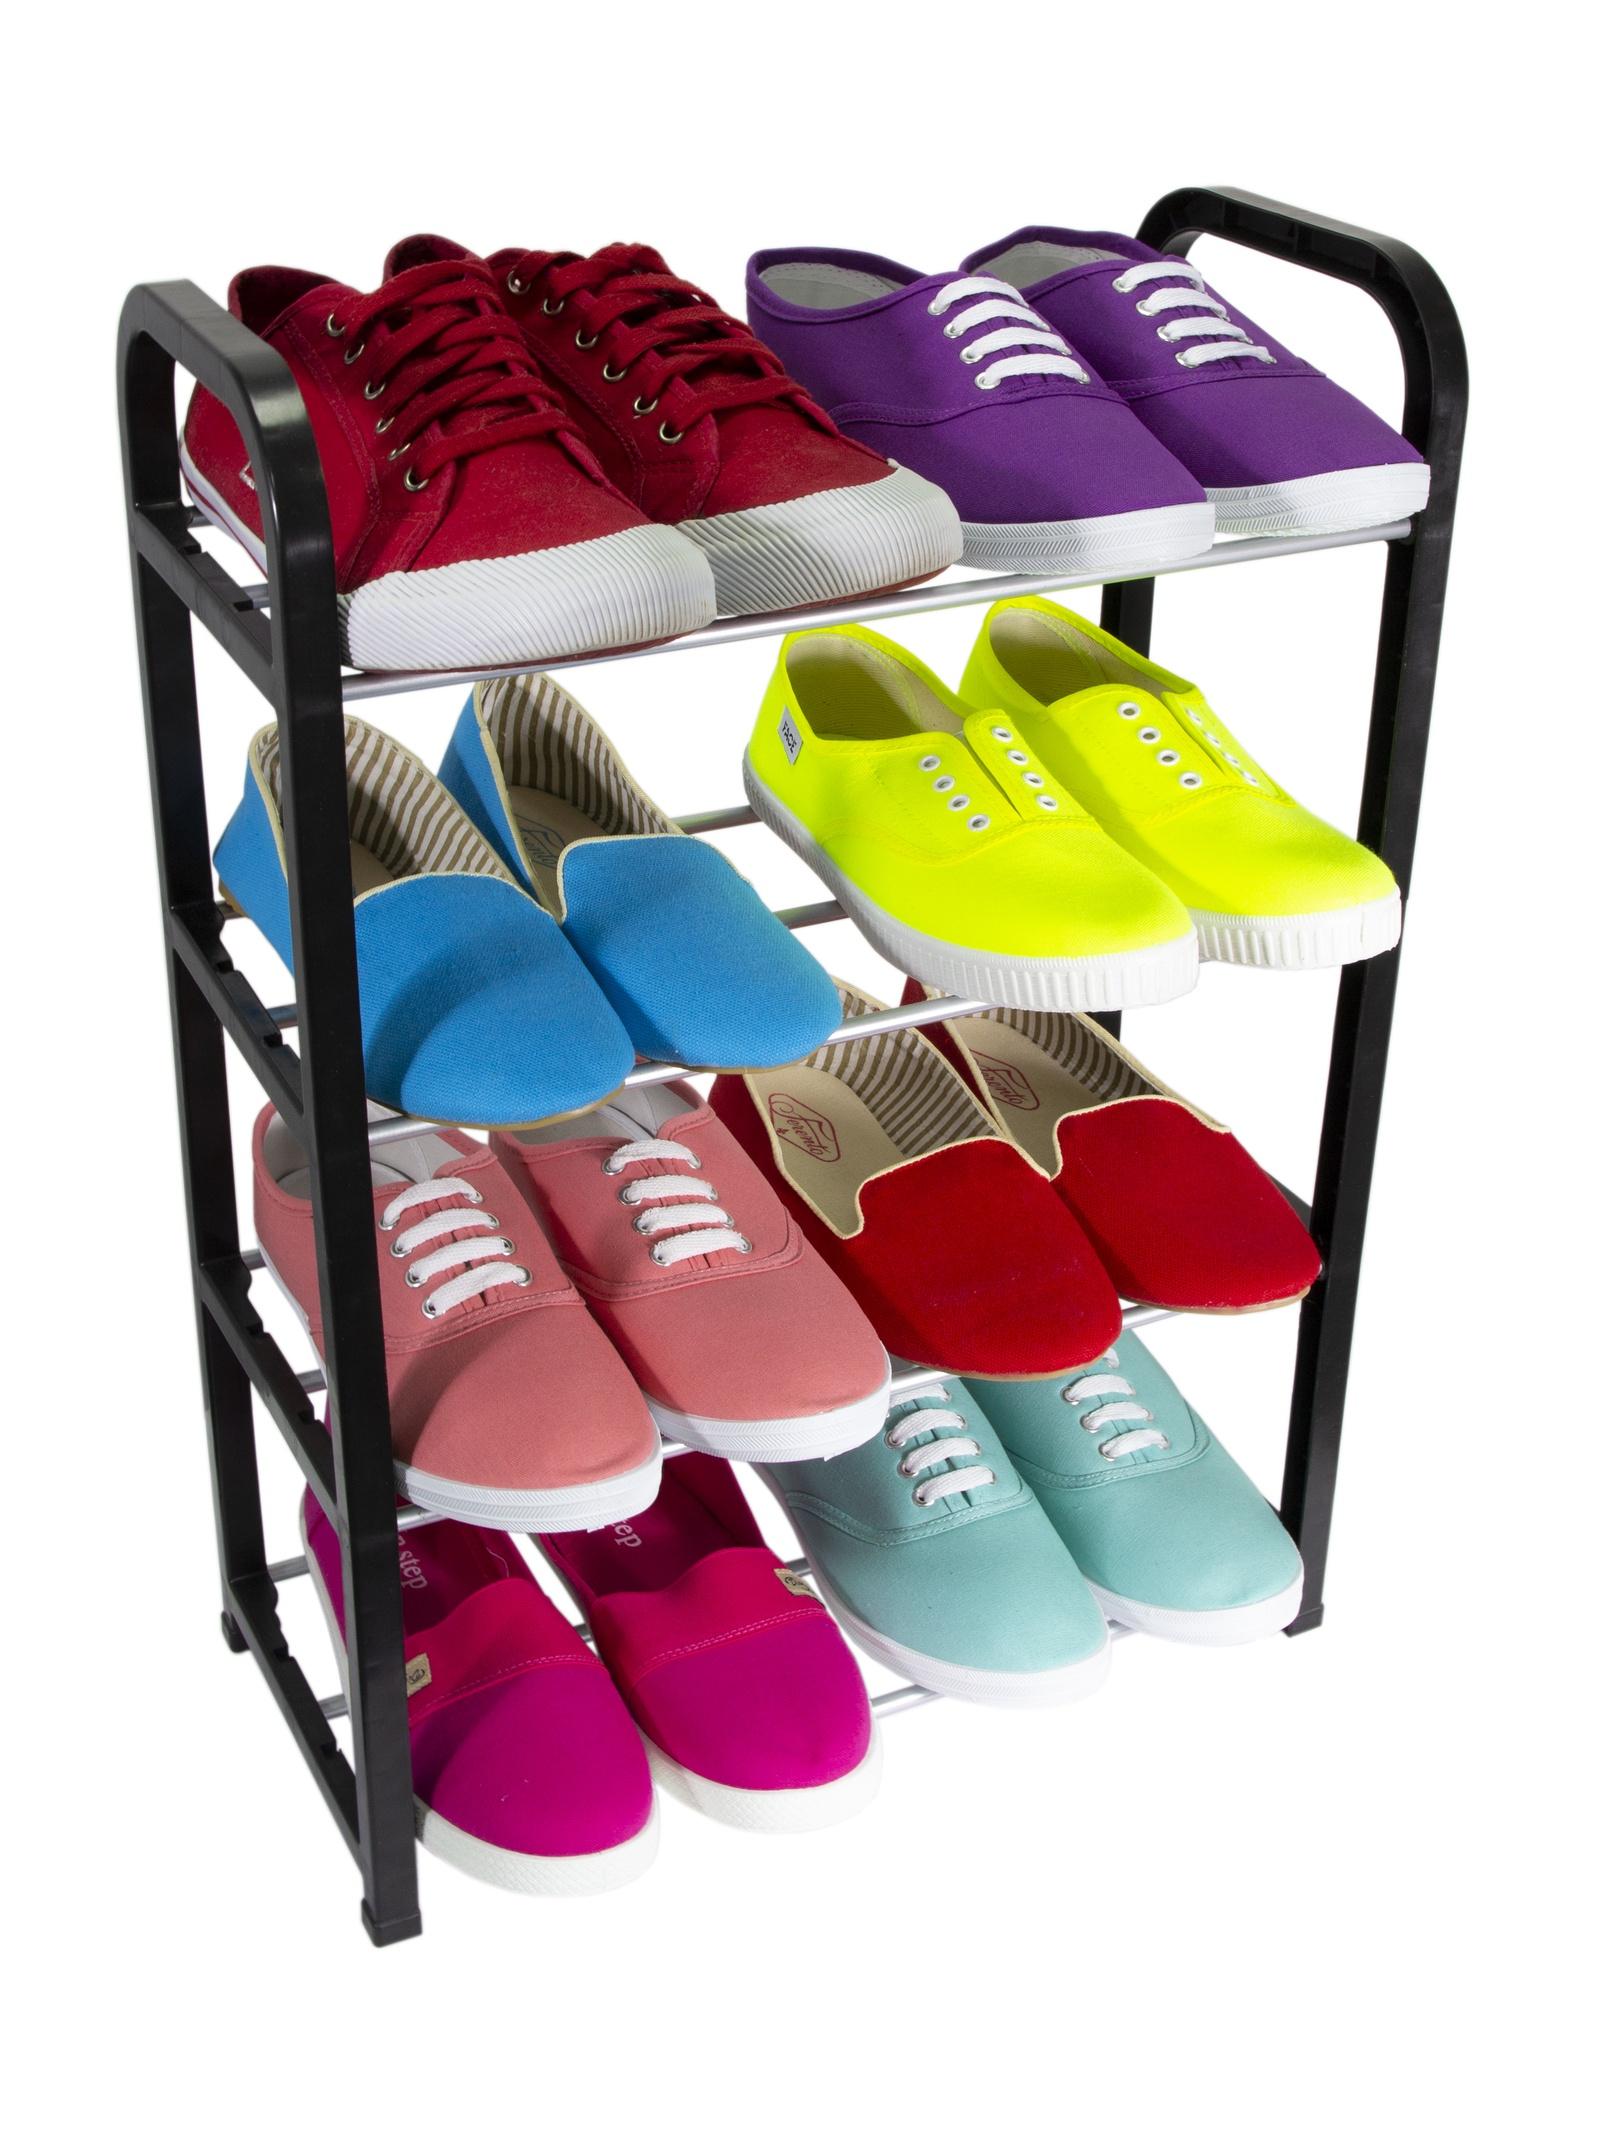 Этажерка UniStor Этажерка для обуви, 210174 этажерка пм д обуви 4 х секцион ажур м2514 альтерн 1 1204559